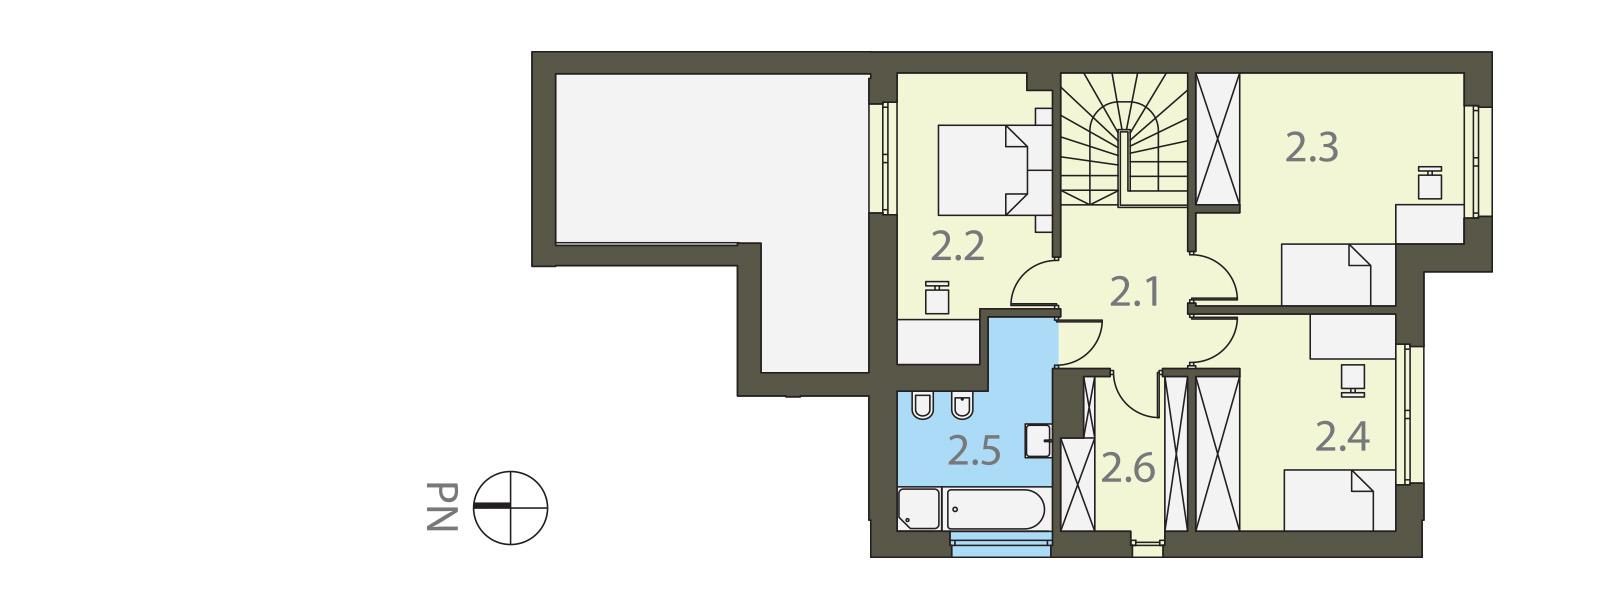 Projekt domu TWIN MODERN A Domy Czystej Energii rzut piętra